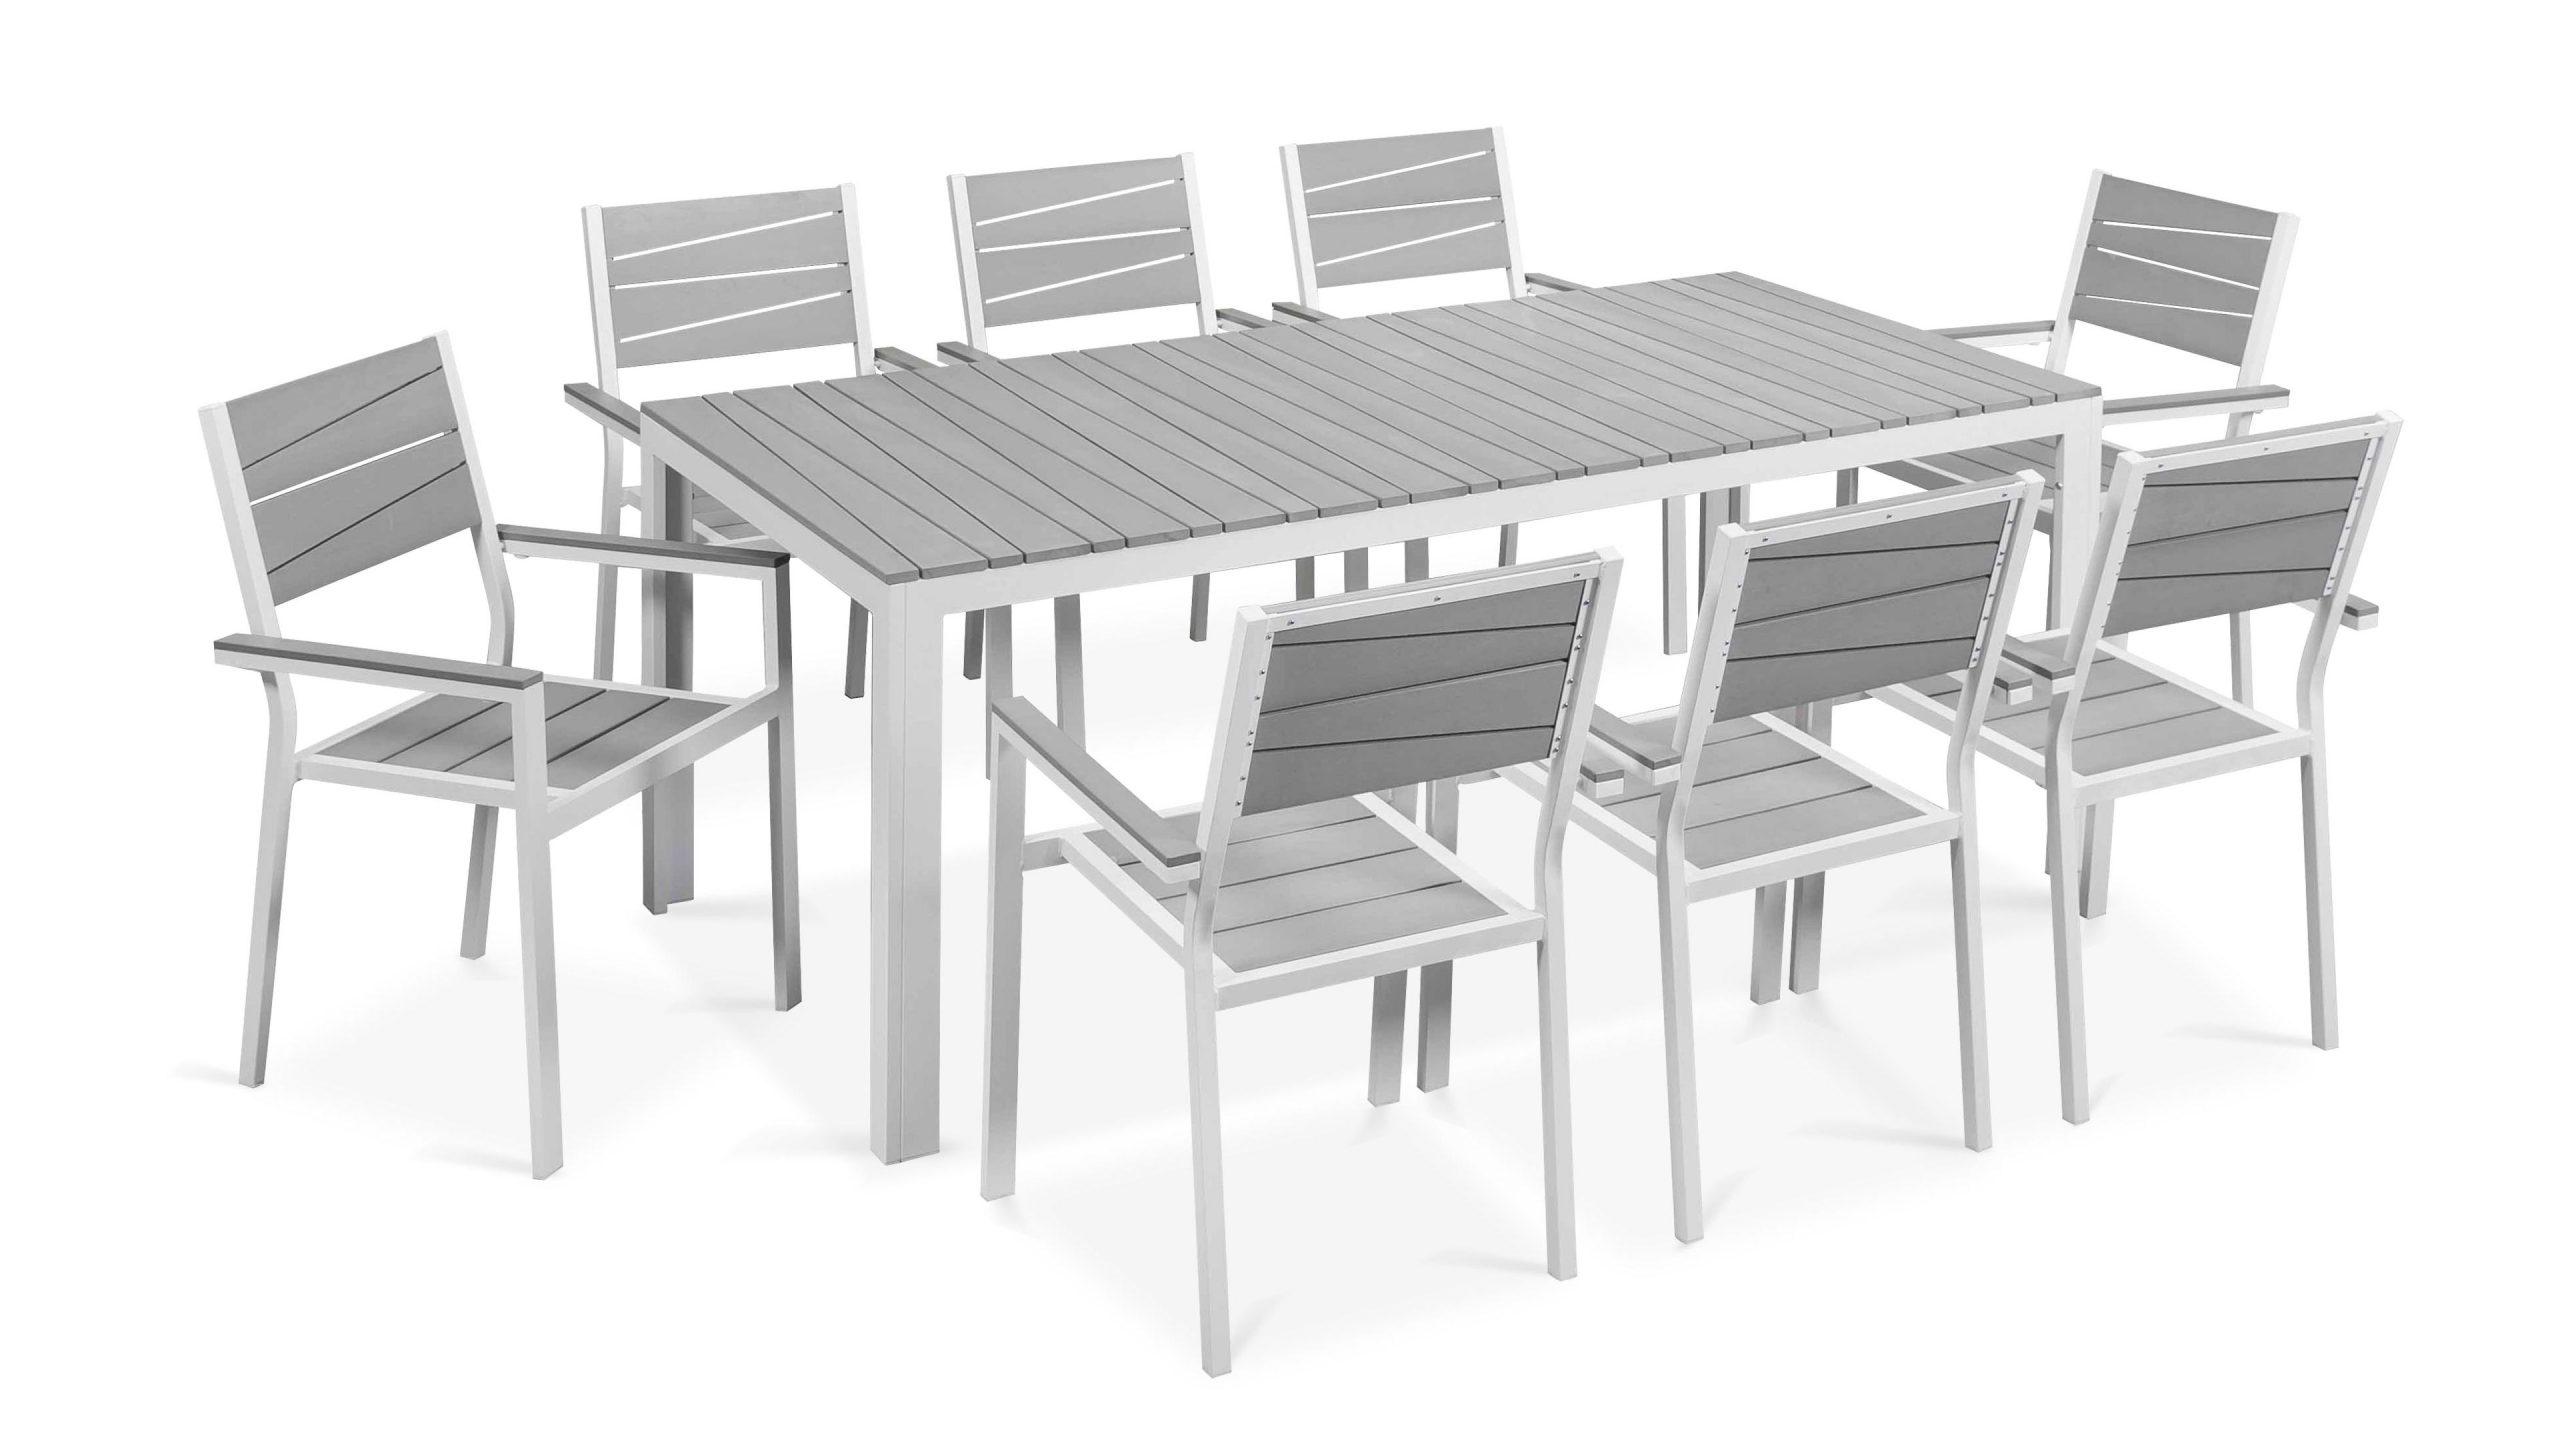 Table De Jardin 8 Places Aluminium Polywood pour Mobilier De Jardin Soldes